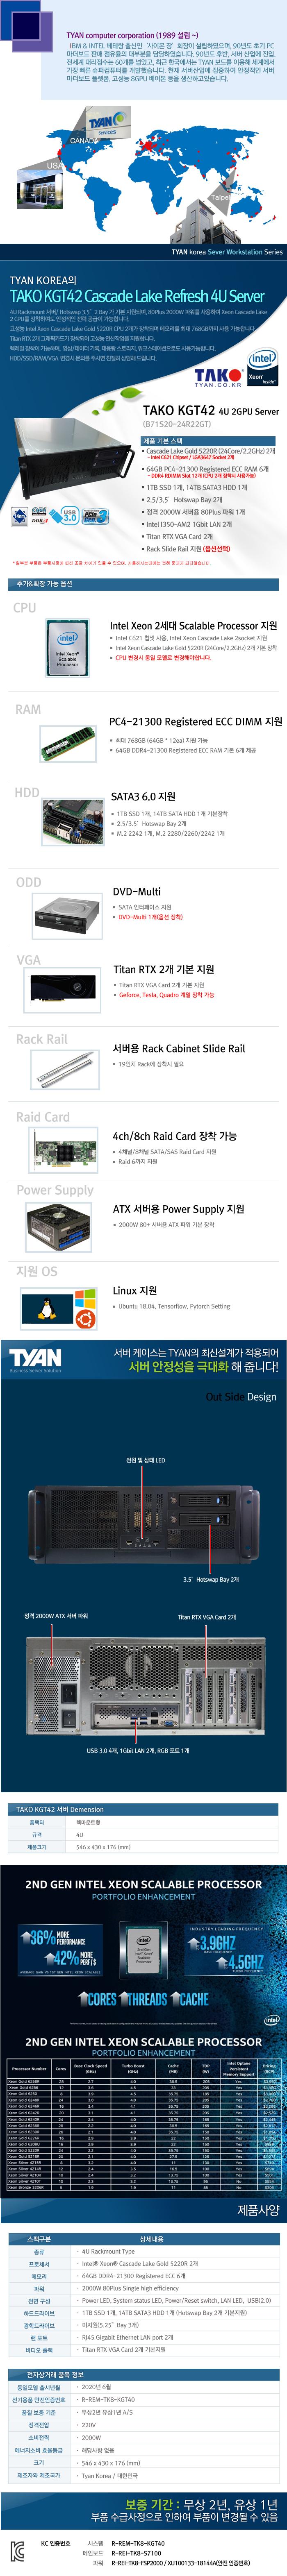 TYAN TAKO-KGT42-(B71S20-24R22GT) 2GPU (384GB, SSD 1TB + 14TB)